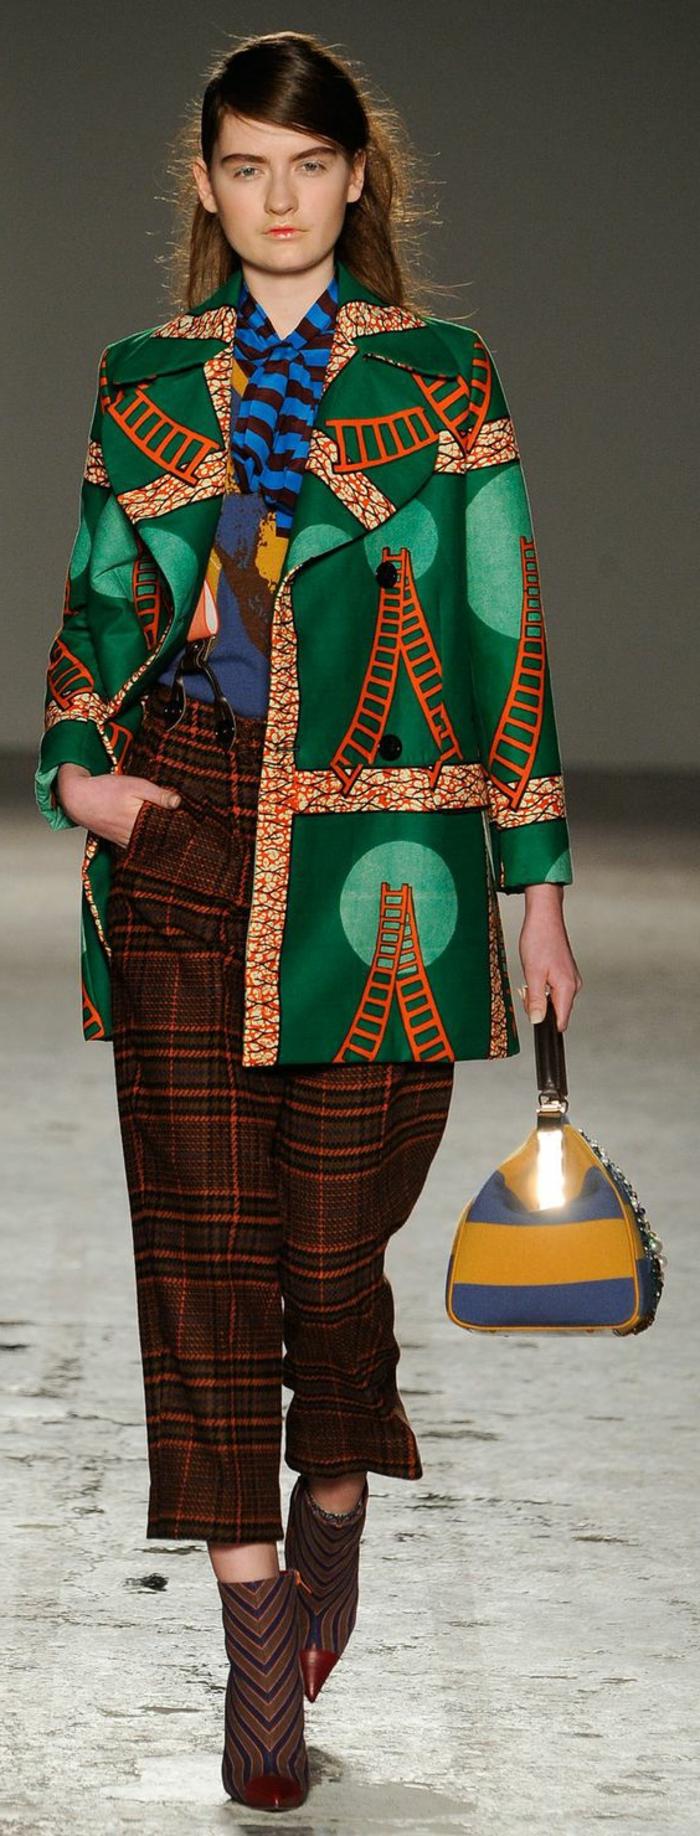 vêtements femme originaux, pantalons à carrés, manteau de printemps wax